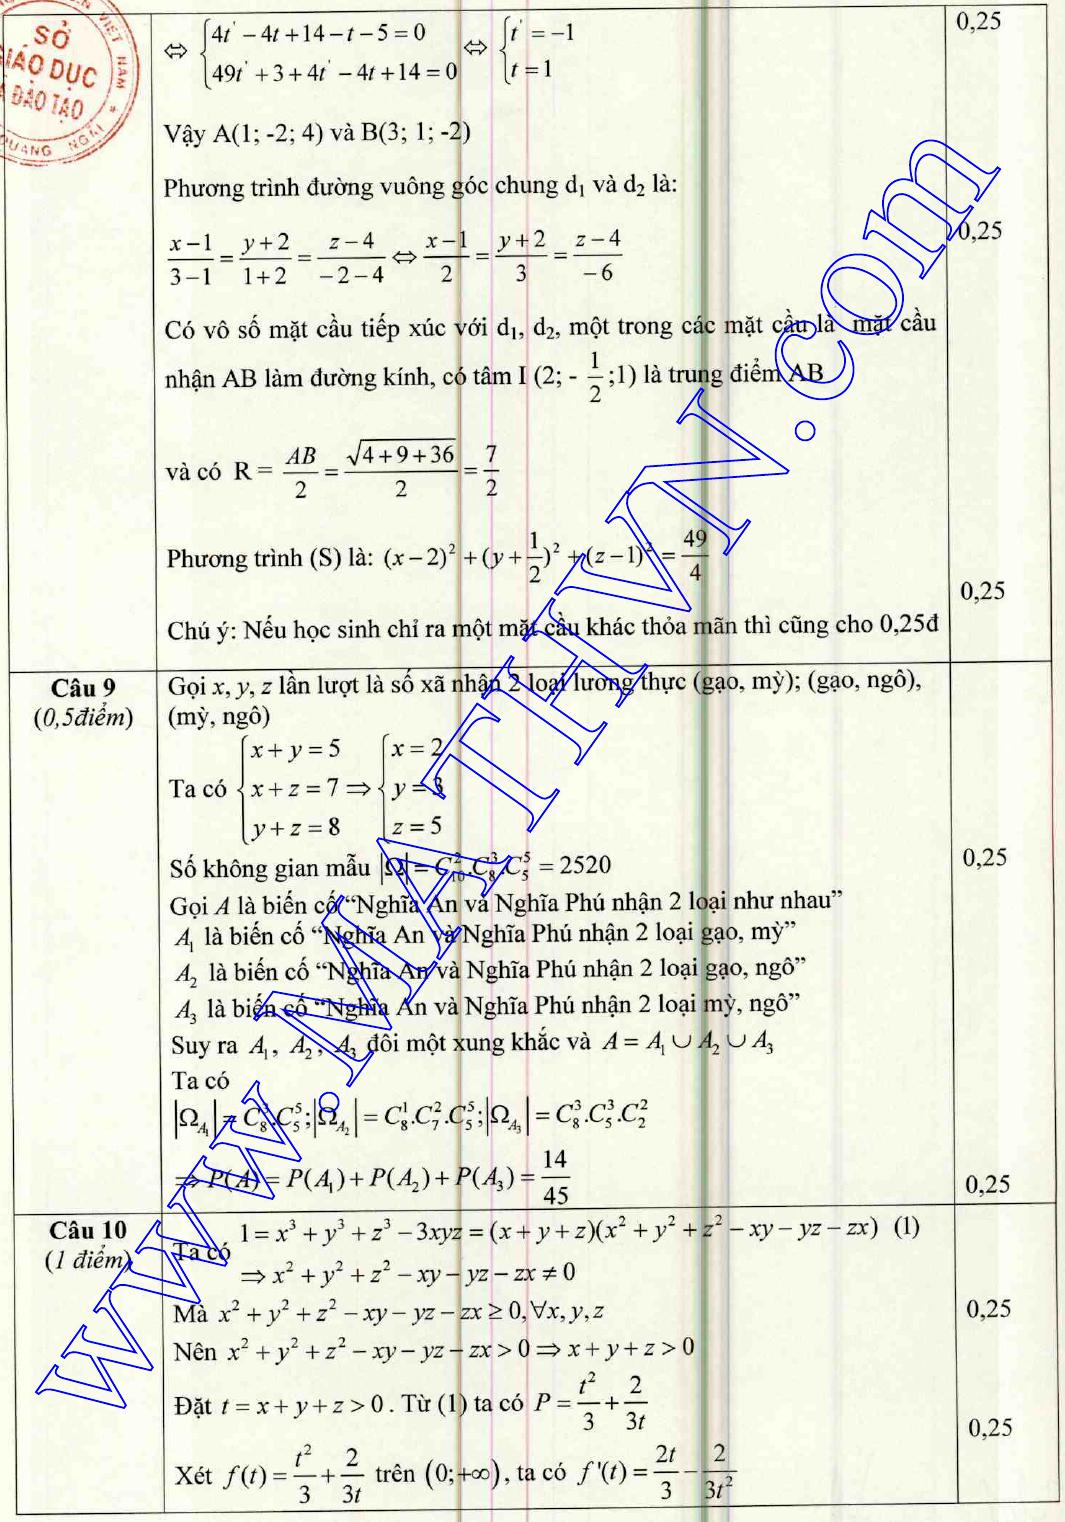 đáp án đề thi thử môn toán tỉnh quảng ngãi 2015